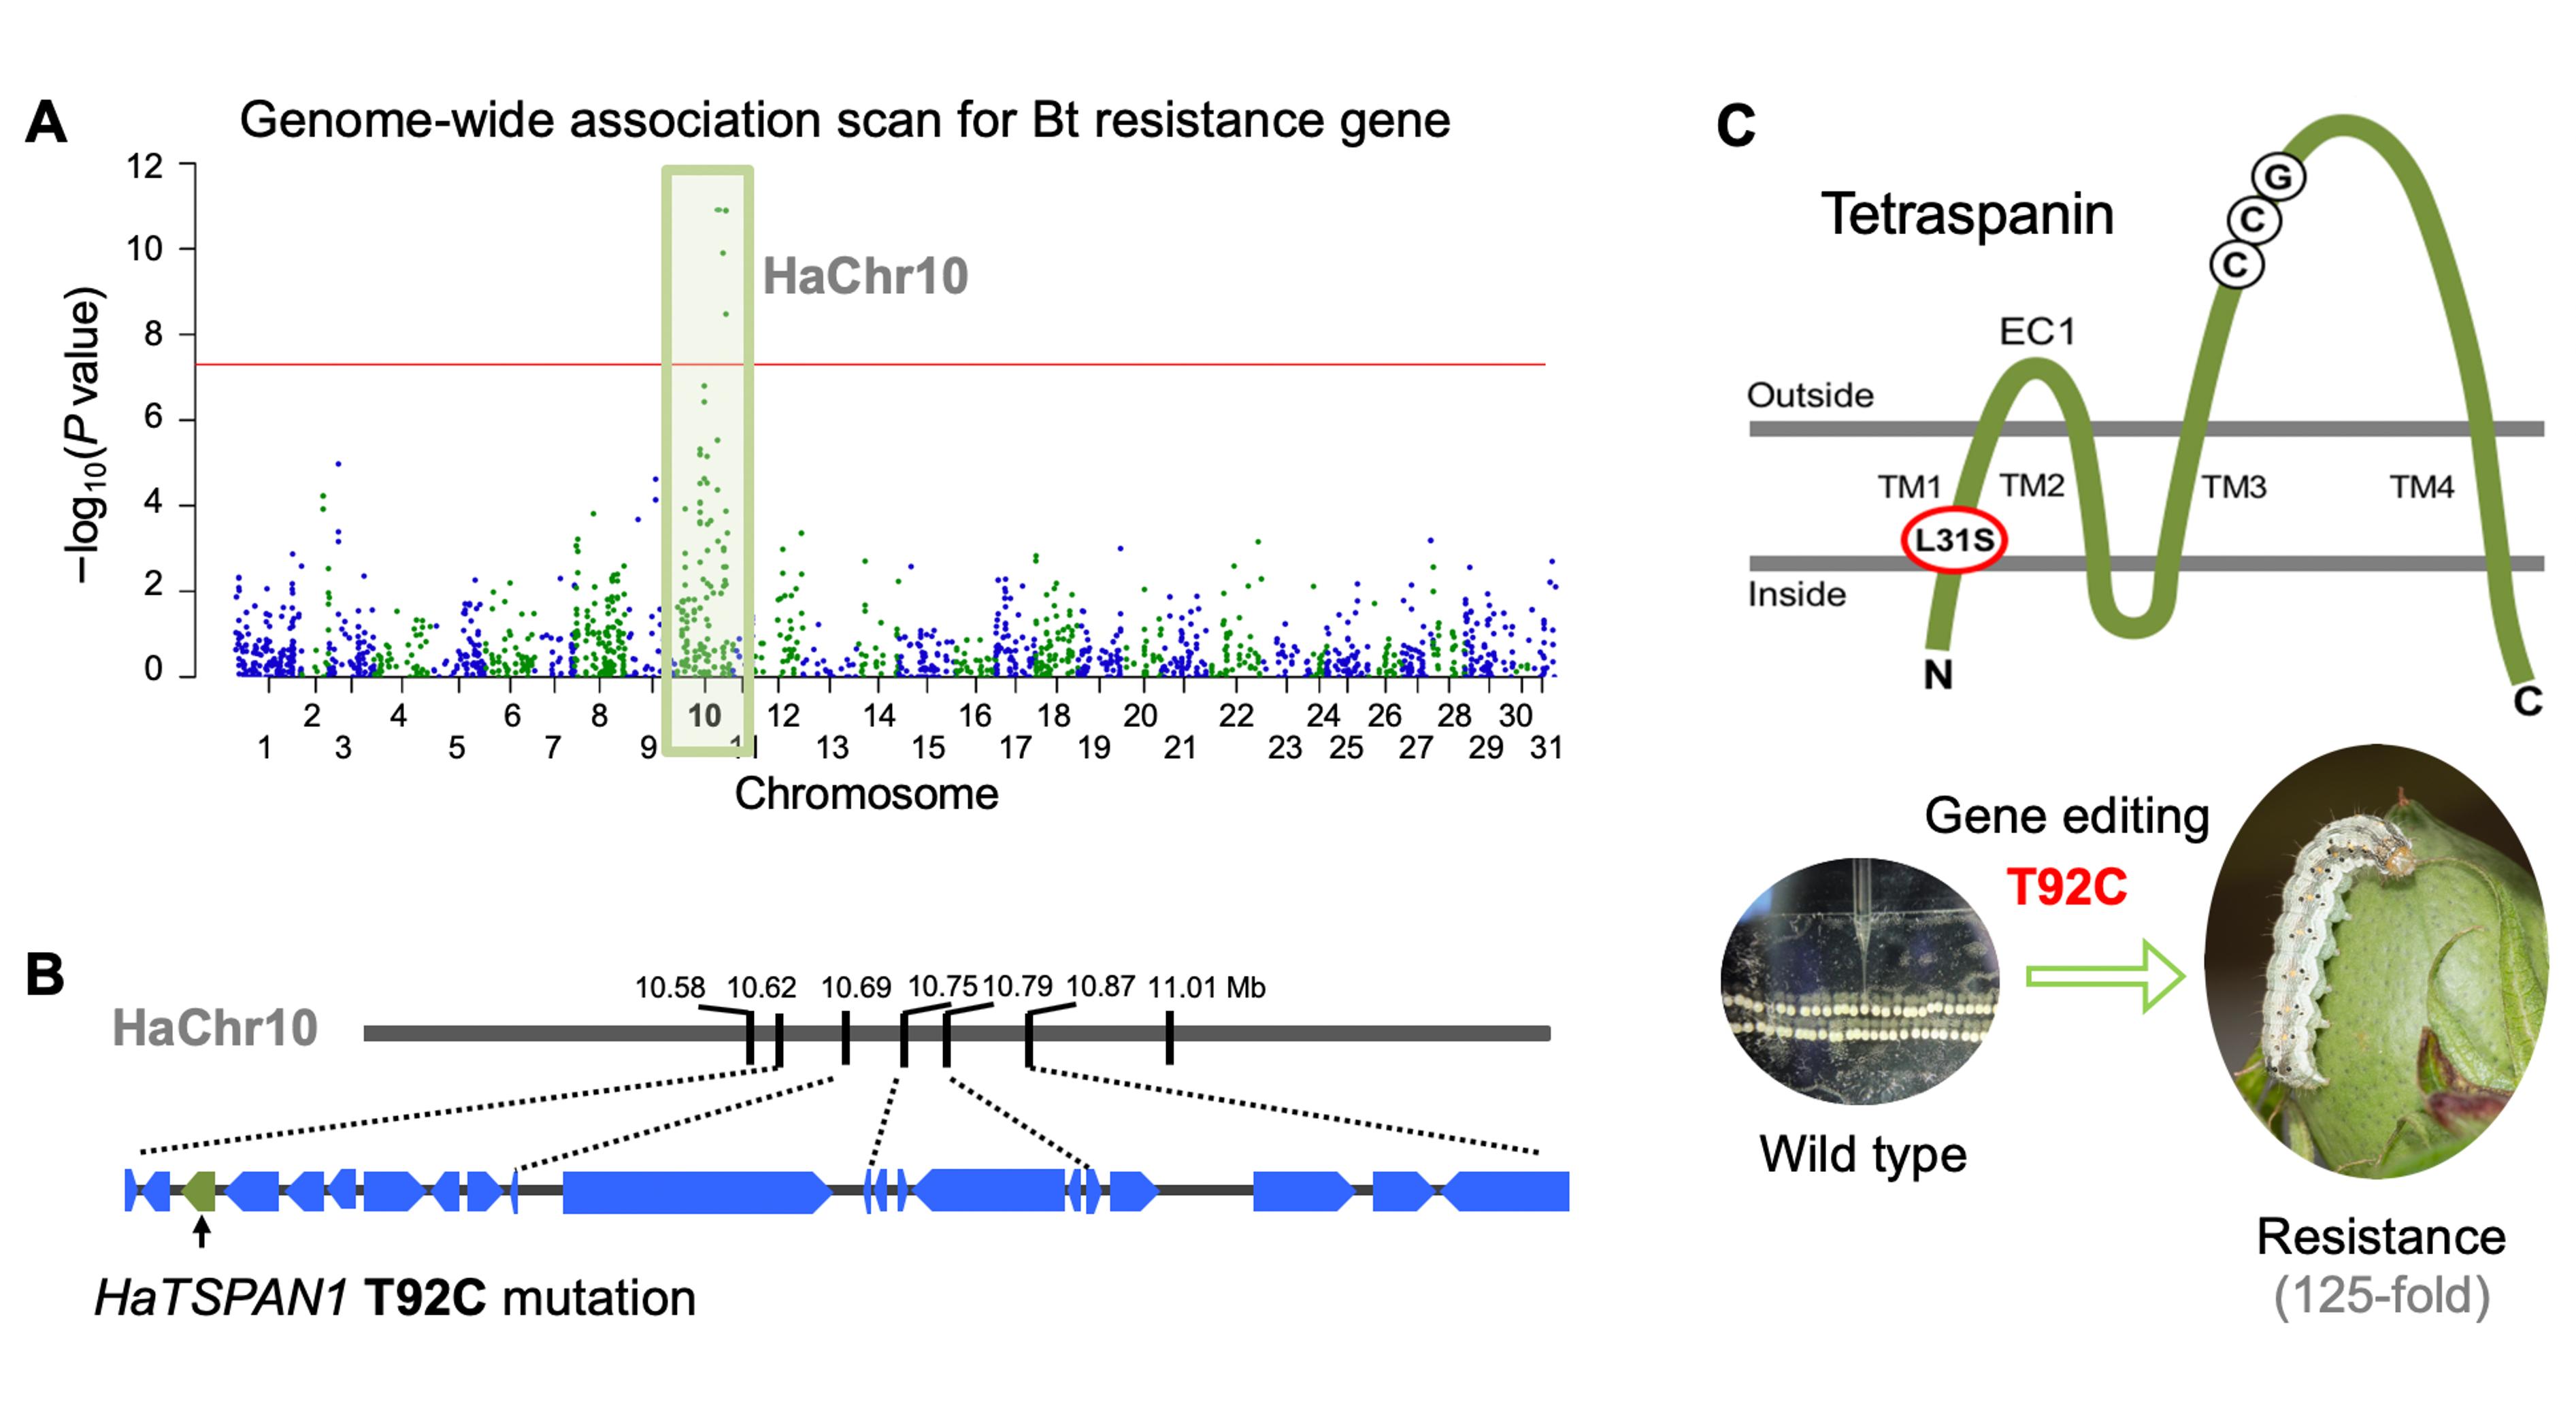 利用全基因组关联分析和基因精细定位,将棉铃虫bt显性抗性基因定位于